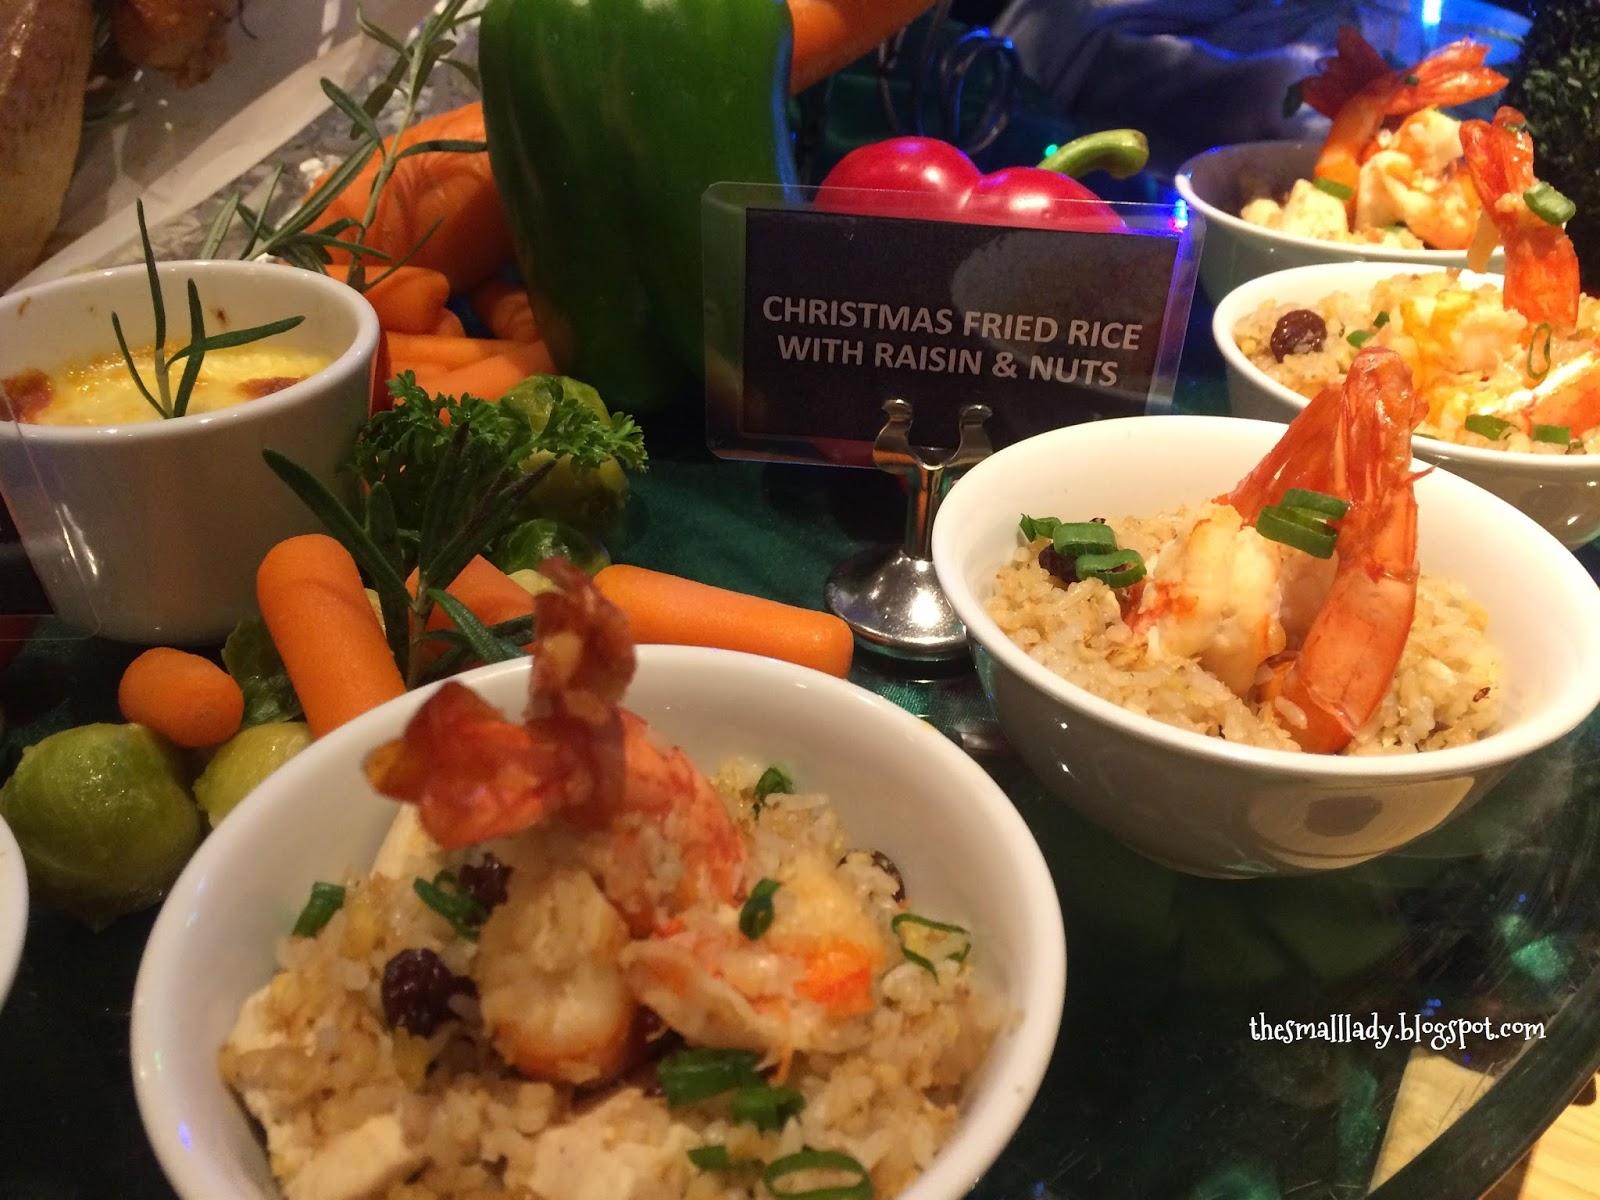 Xmas Buffet Dinner at Armada Hotel